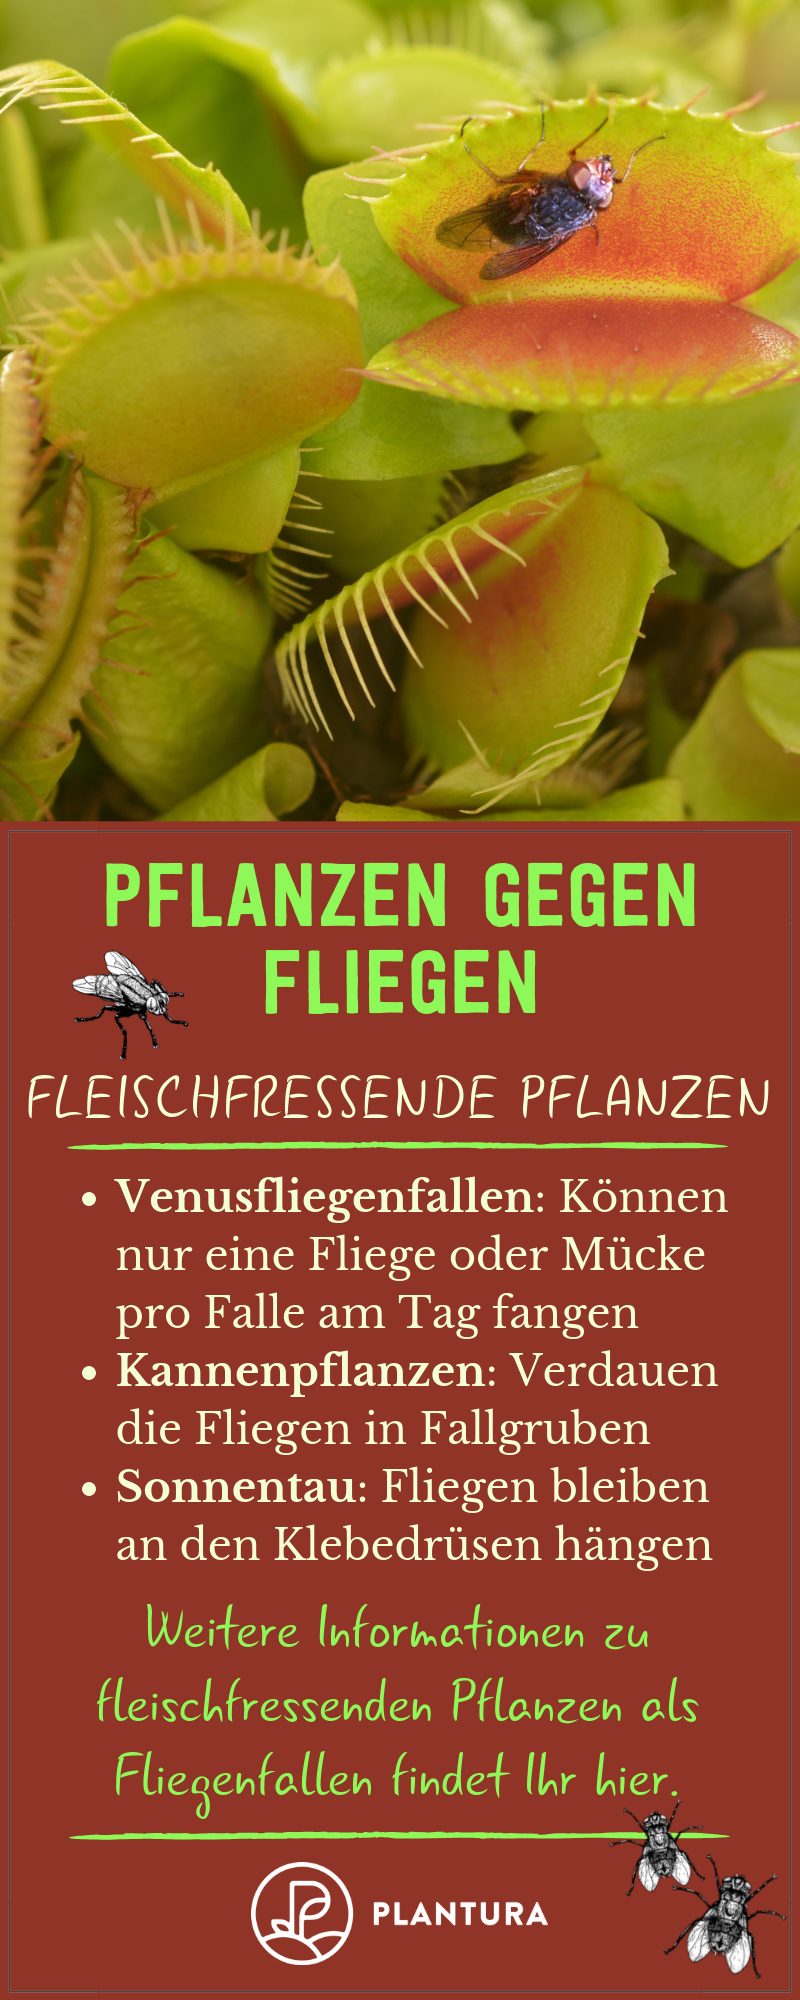 Pflanzen Gegen Fliegen Lavendel Tomaten Co Plantura Fleischfressende Pflanze Pflanzen Pflanzenschutz